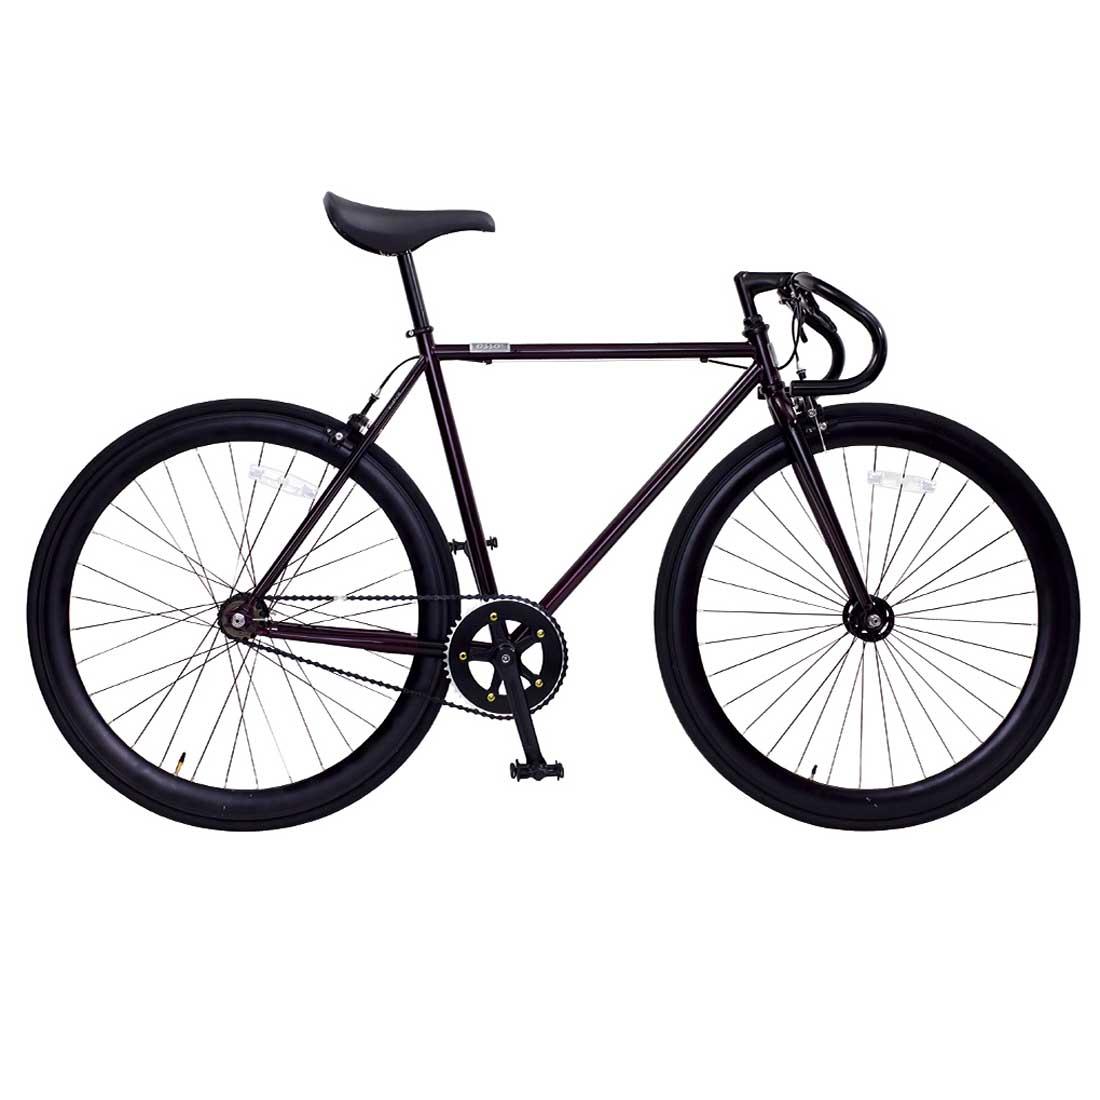 ピスト 700C シングルスピード ディープリム クロスバイク ロードバイク おしゃれ 自転車 通勤 通学 OSSO R100-CR ボルドー オッソ メンズ レディース